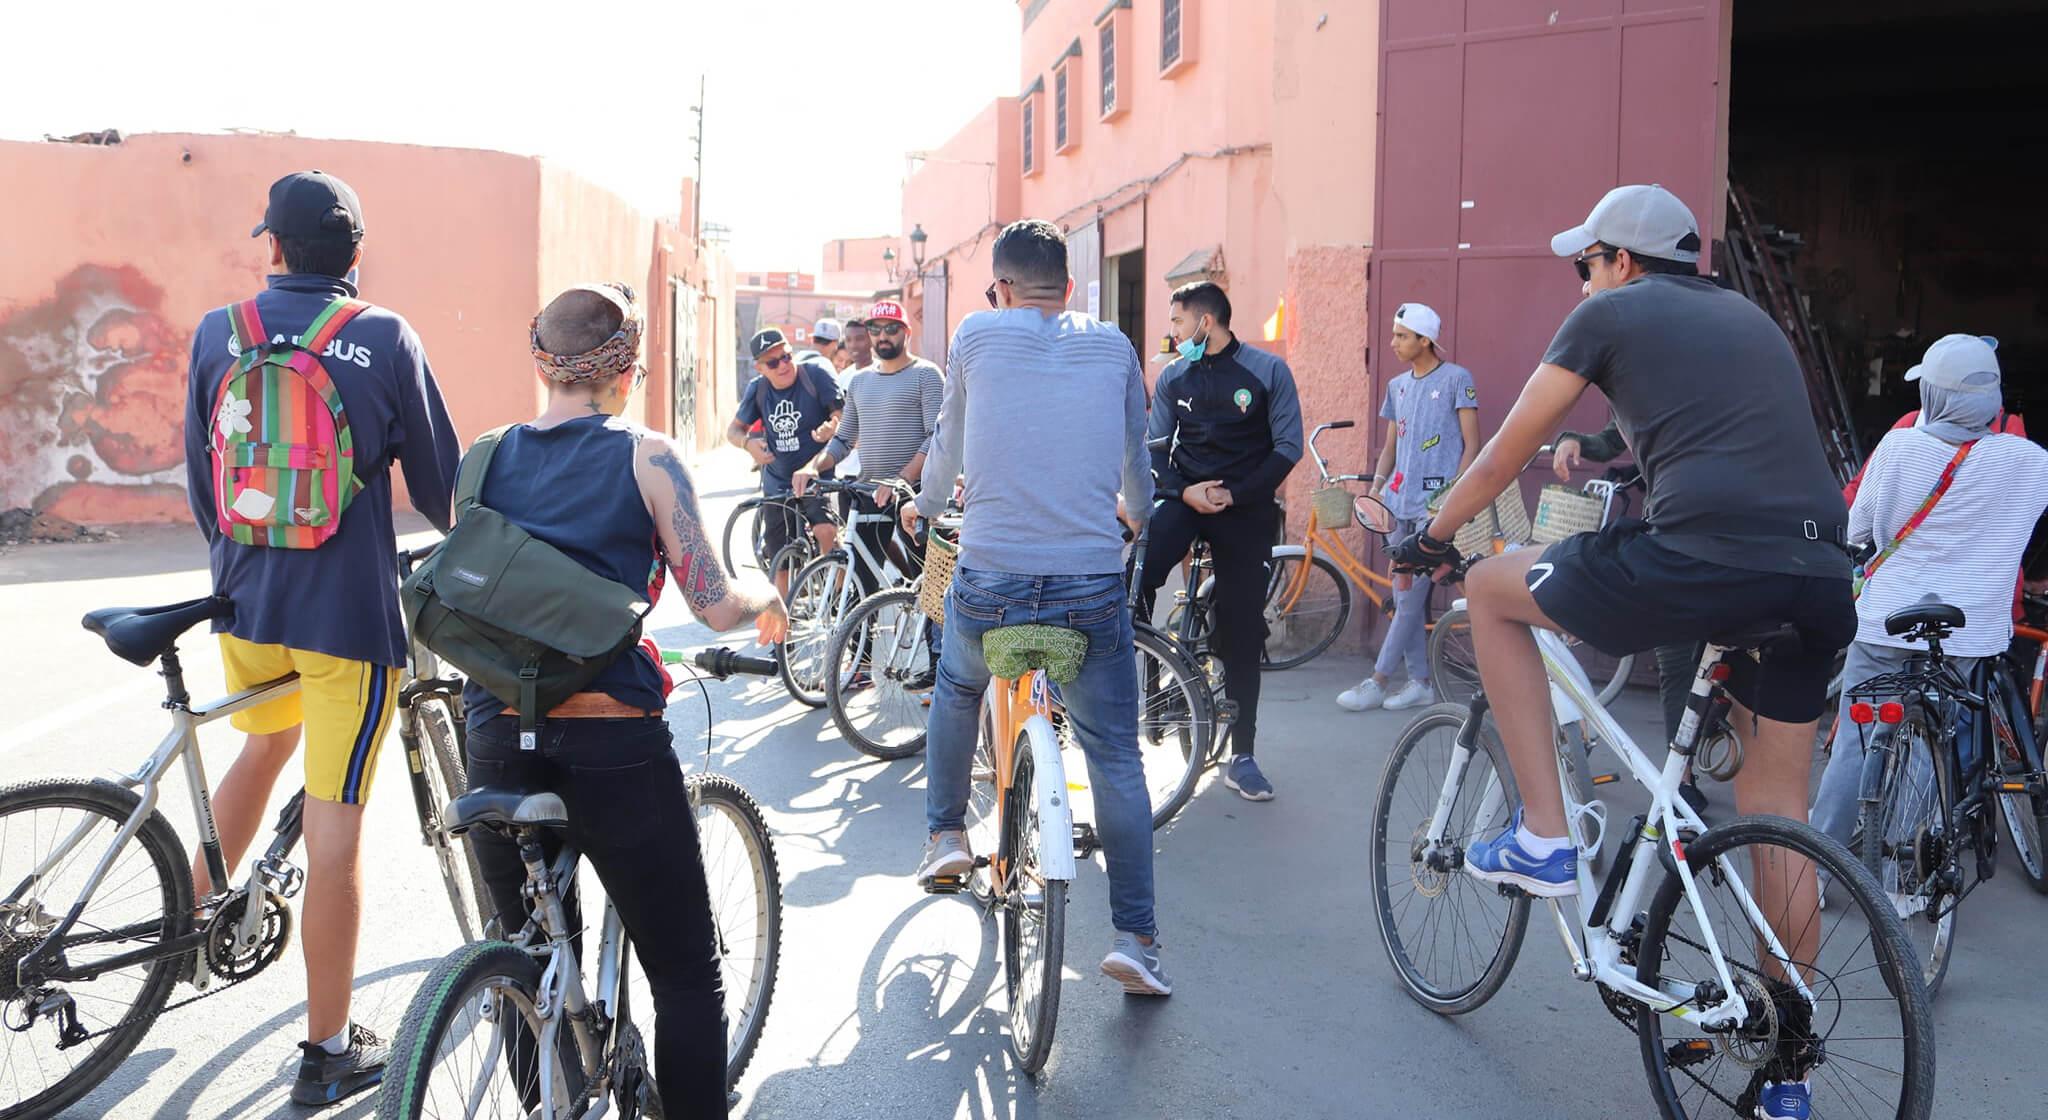 شباب يطوفون مراكش على الدراجة الهوائية